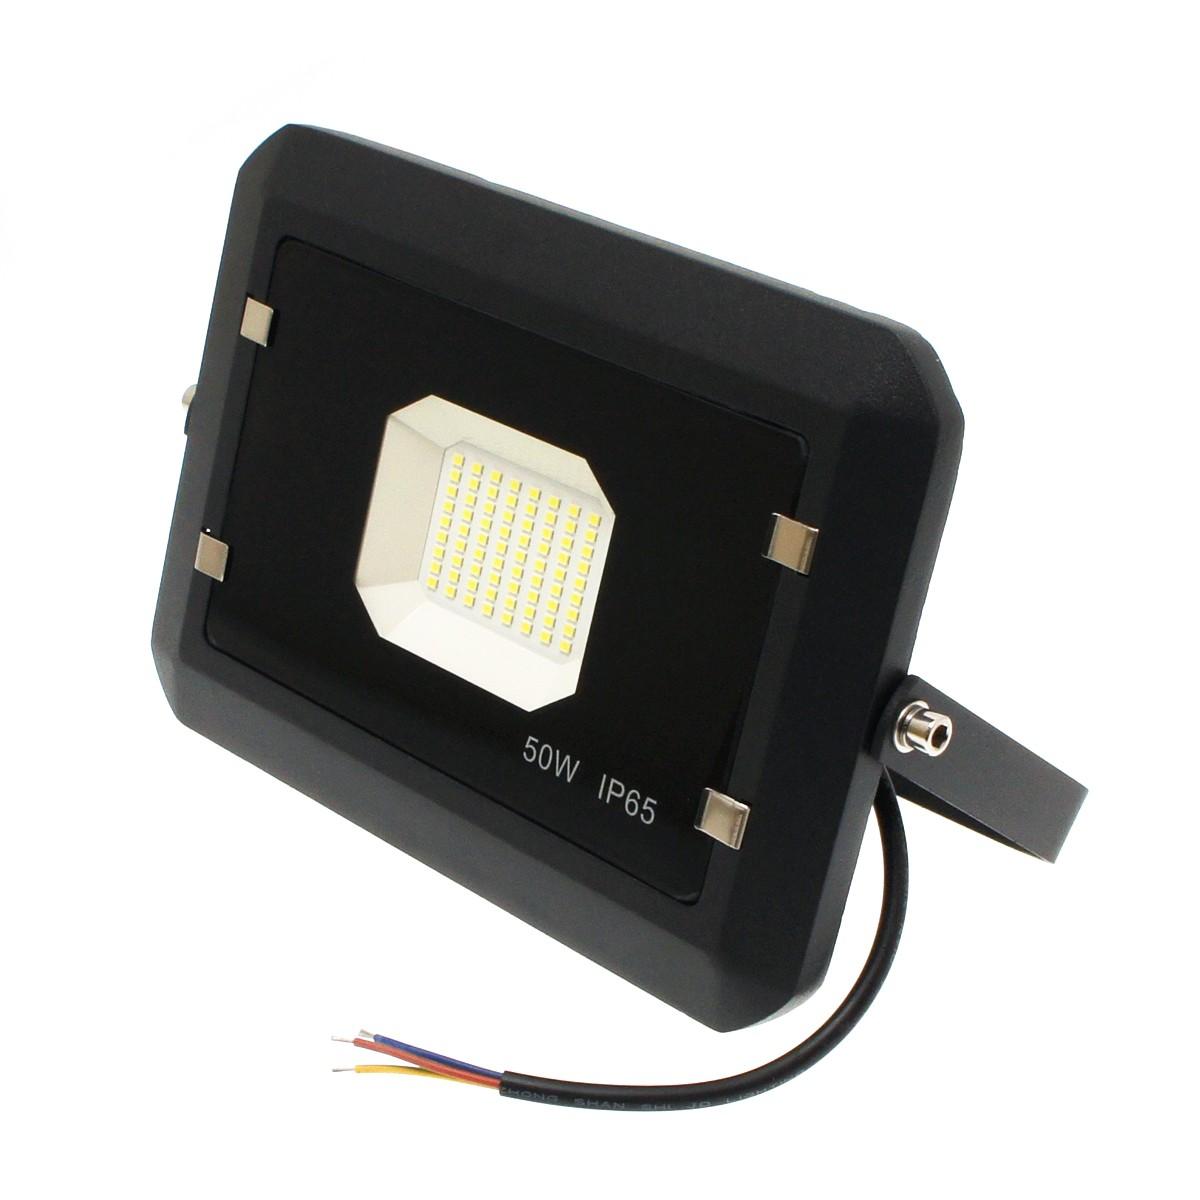 【玄人向け】IP65防雨形LED投光器(50Wタイプ)